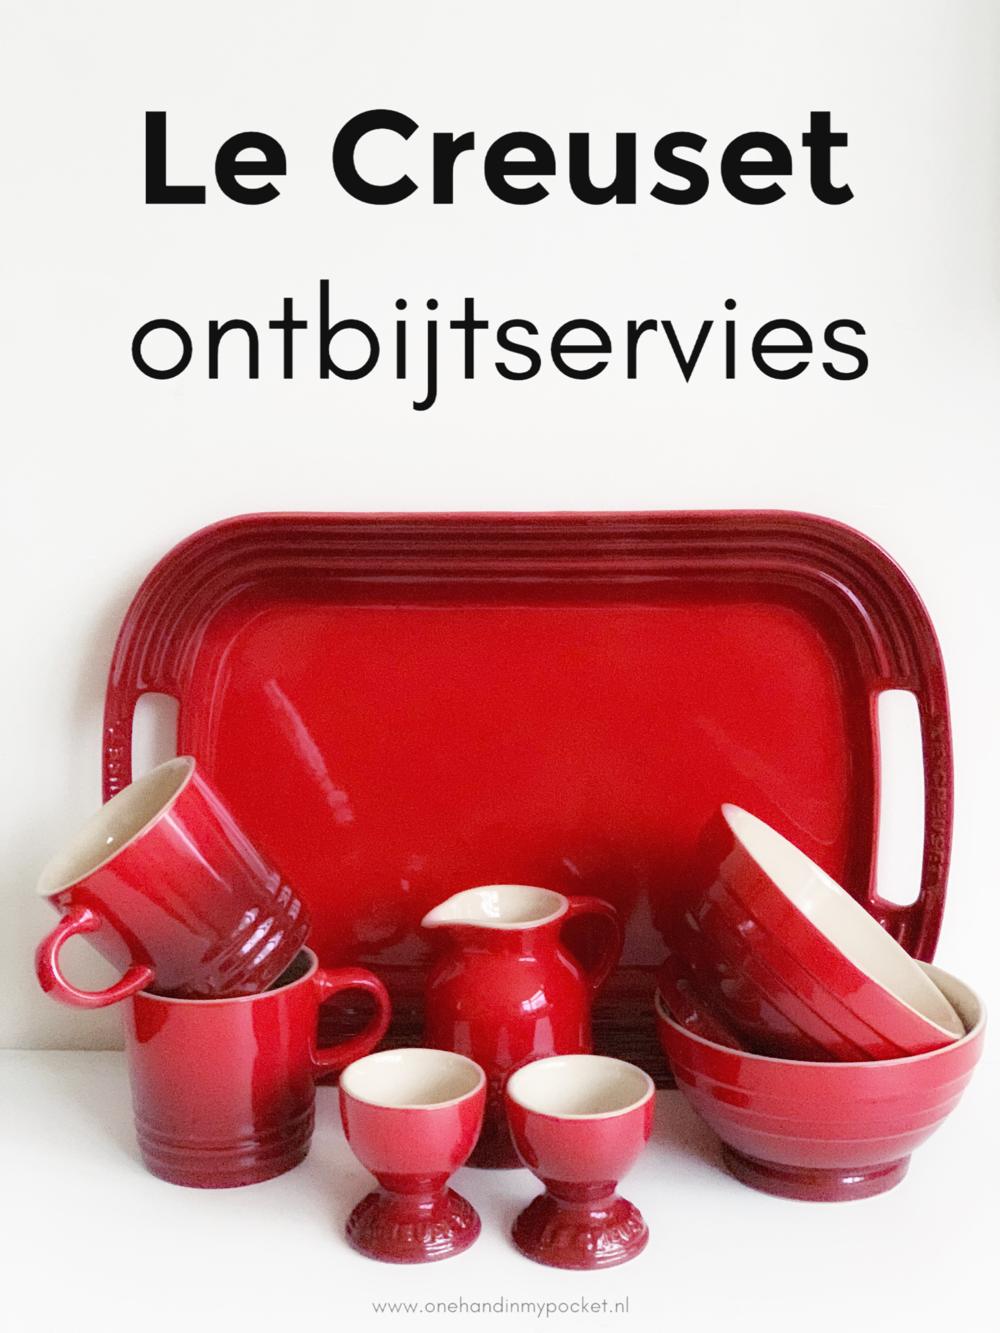 ontbijtservies van Le Creuset